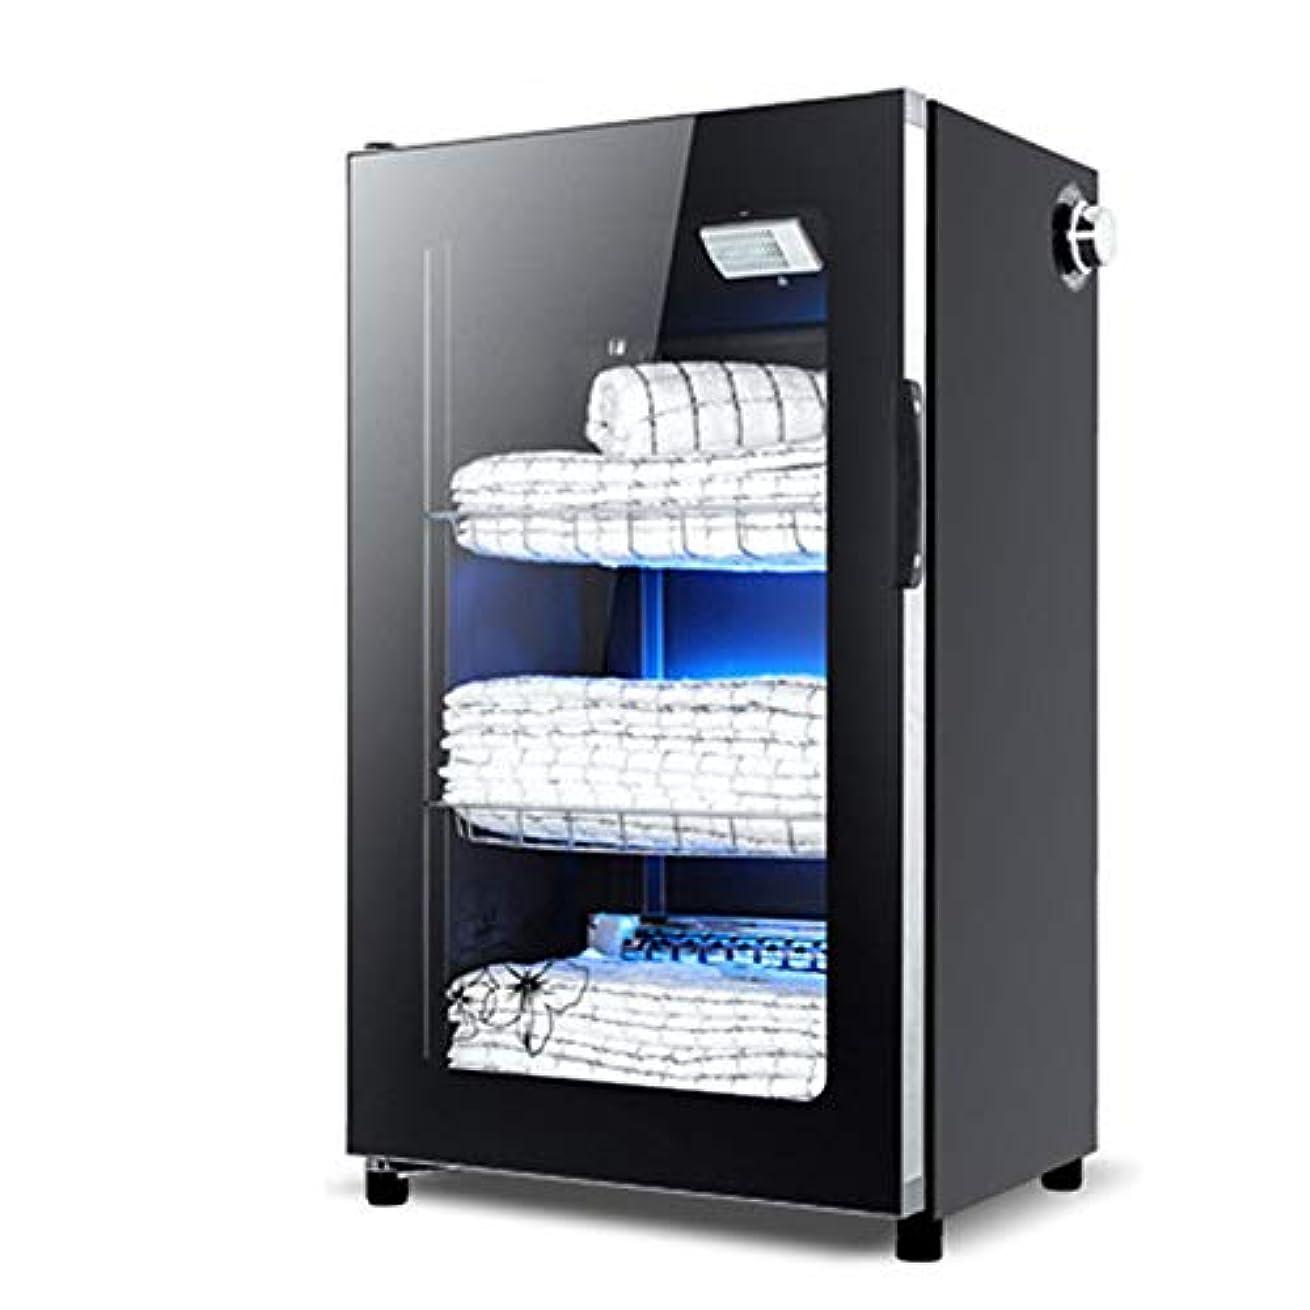 弱点パノラマ乱す黒の大容量マルチデッカーホットタオルキャビネット&紫外線オゾン滅菌サロンスパ美容機器(38L / 68L)